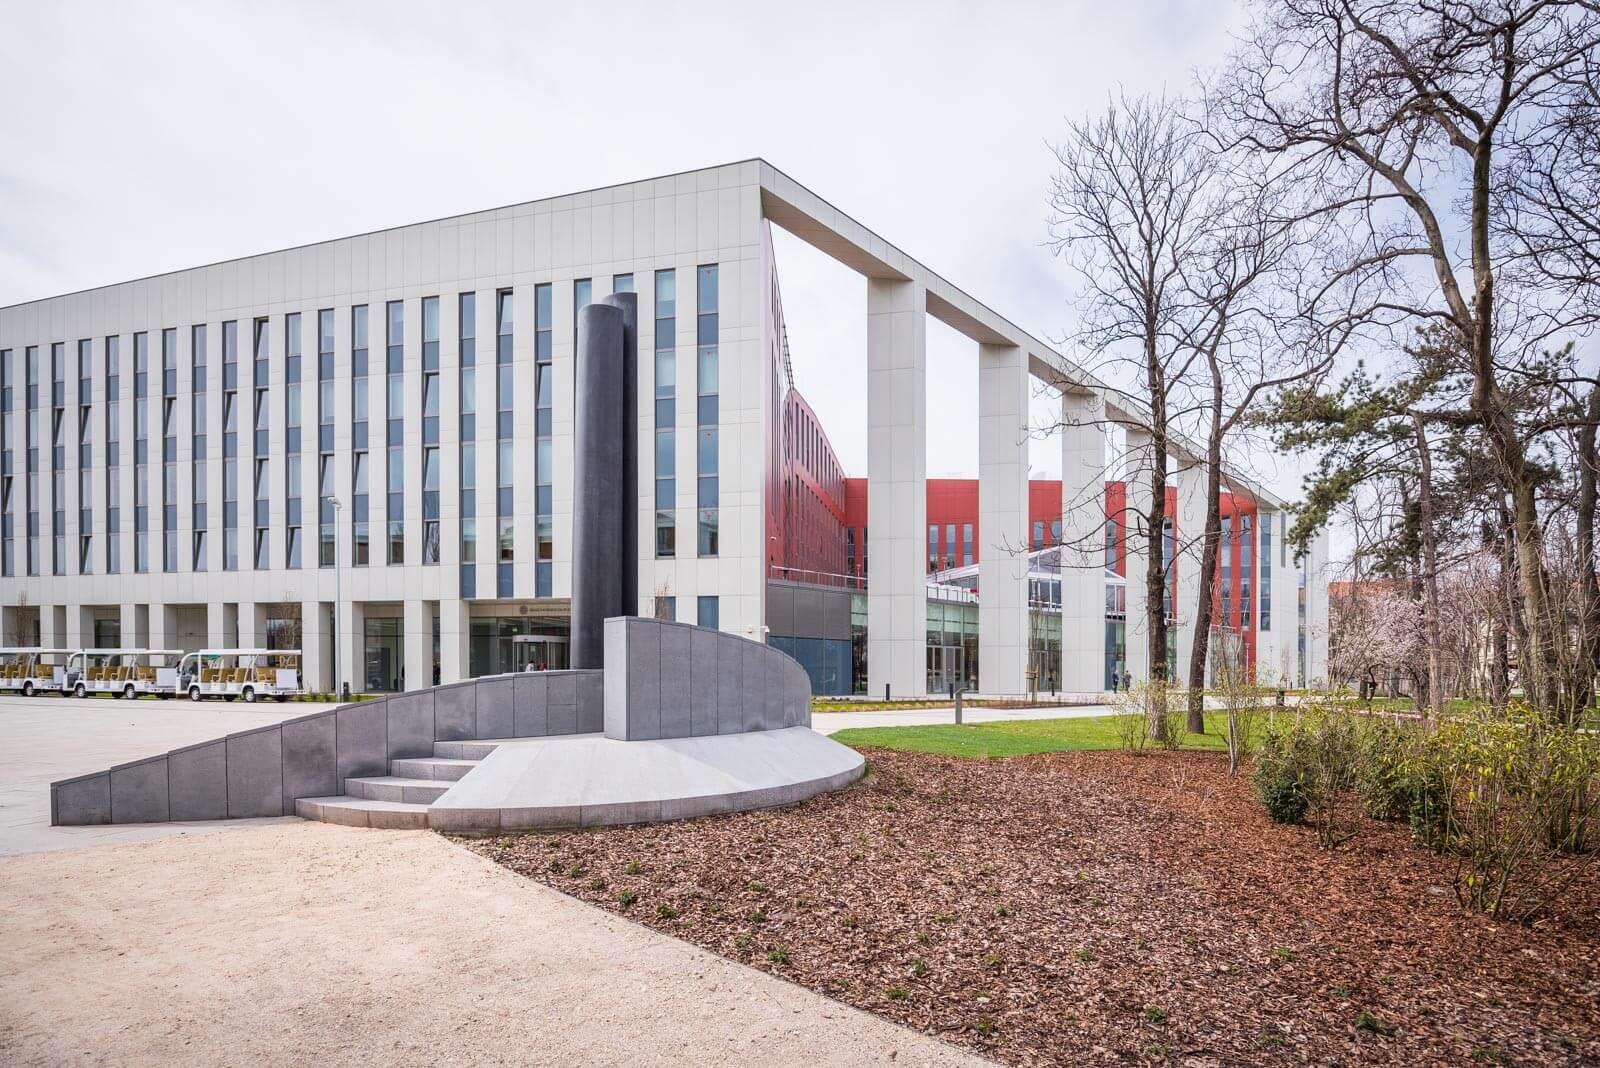 Átadták a kiemelt állami beruházásban létrejött Ludovika Campust